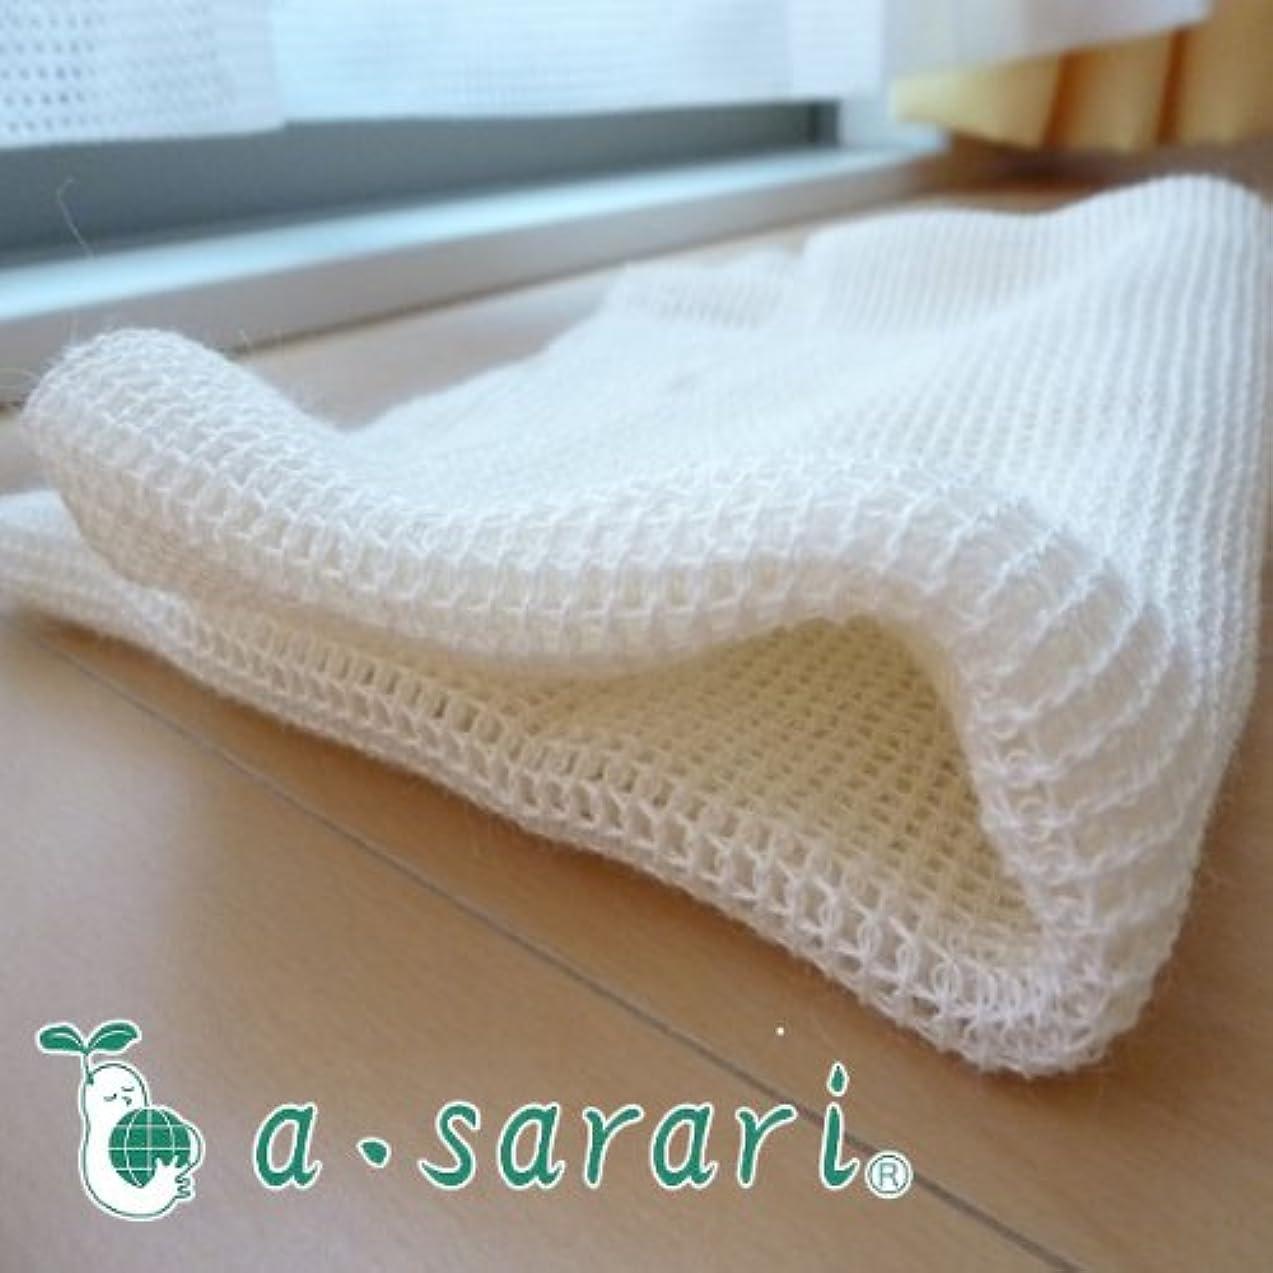 月曜日を必要としていますスモッグ【日本製 アサラリ】浴用ボディタオル 30×90cm 天然麻100%